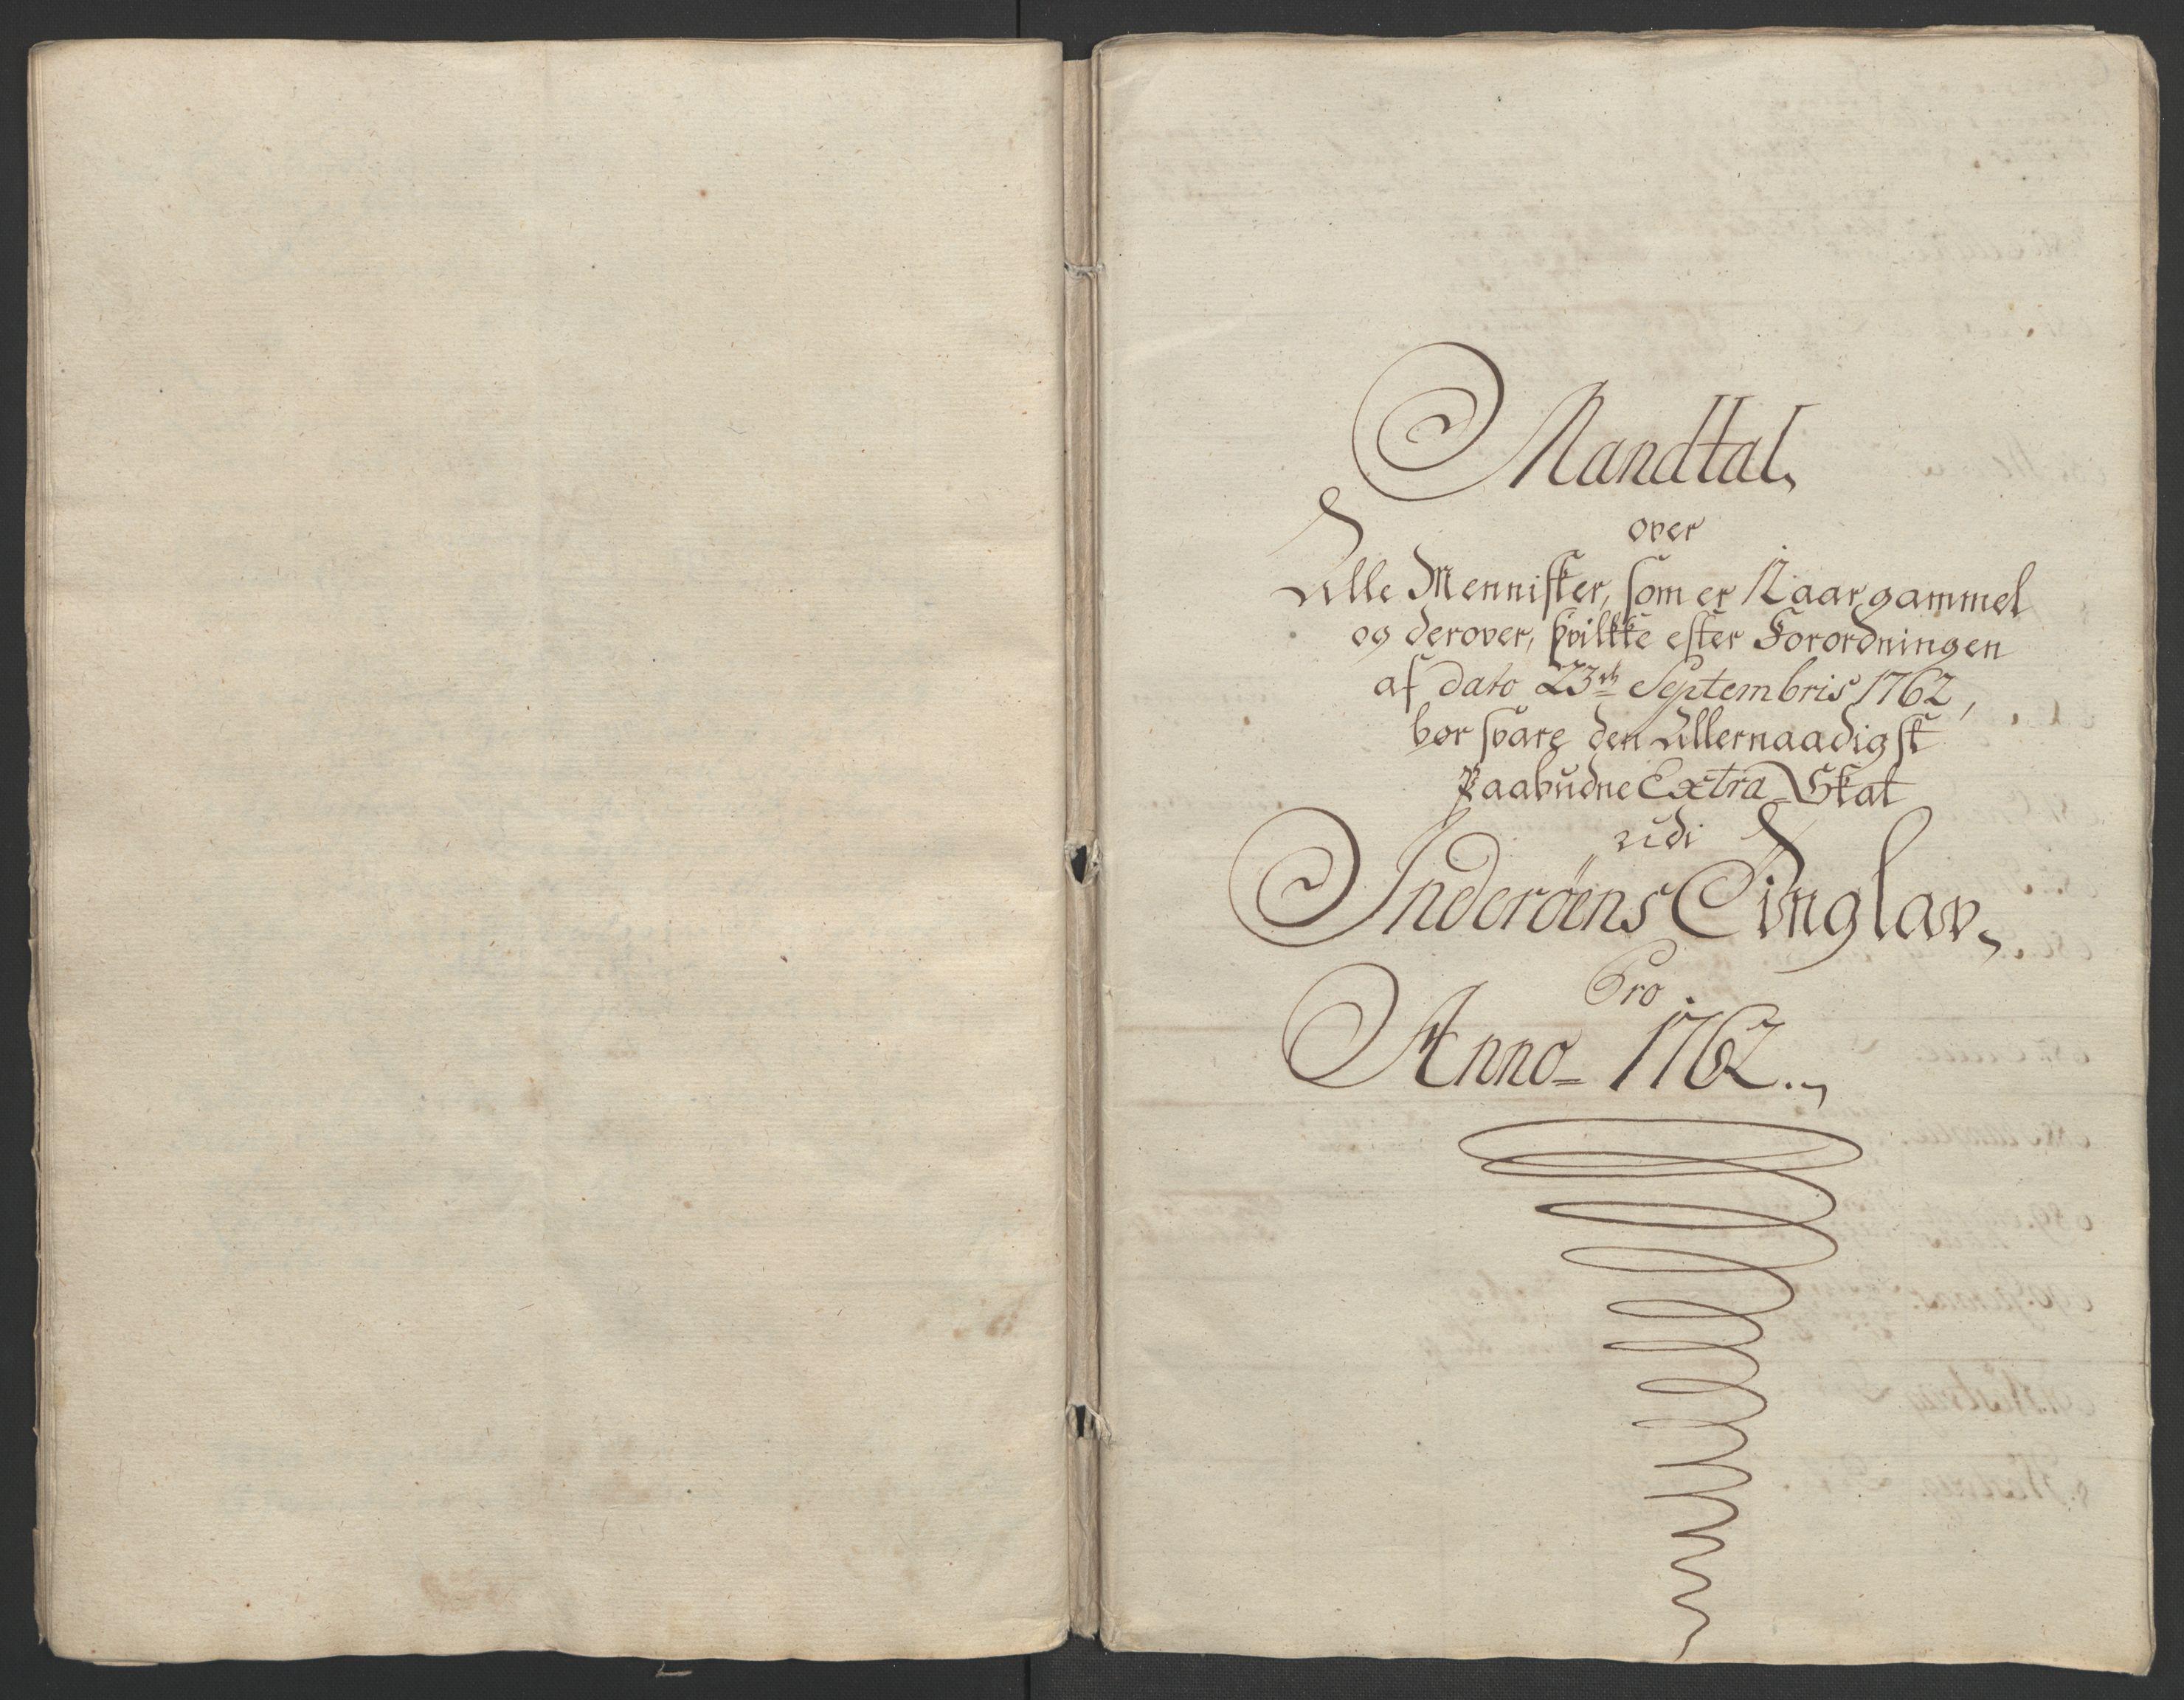 RA, Rentekammeret inntil 1814, Realistisk ordnet avdeling, Ol/L0020: [Gg 10]: Ekstraskatten, 23.09.1762. Romsdal, Strinda, Selbu, Inderøy., 1762-1764, s. 32